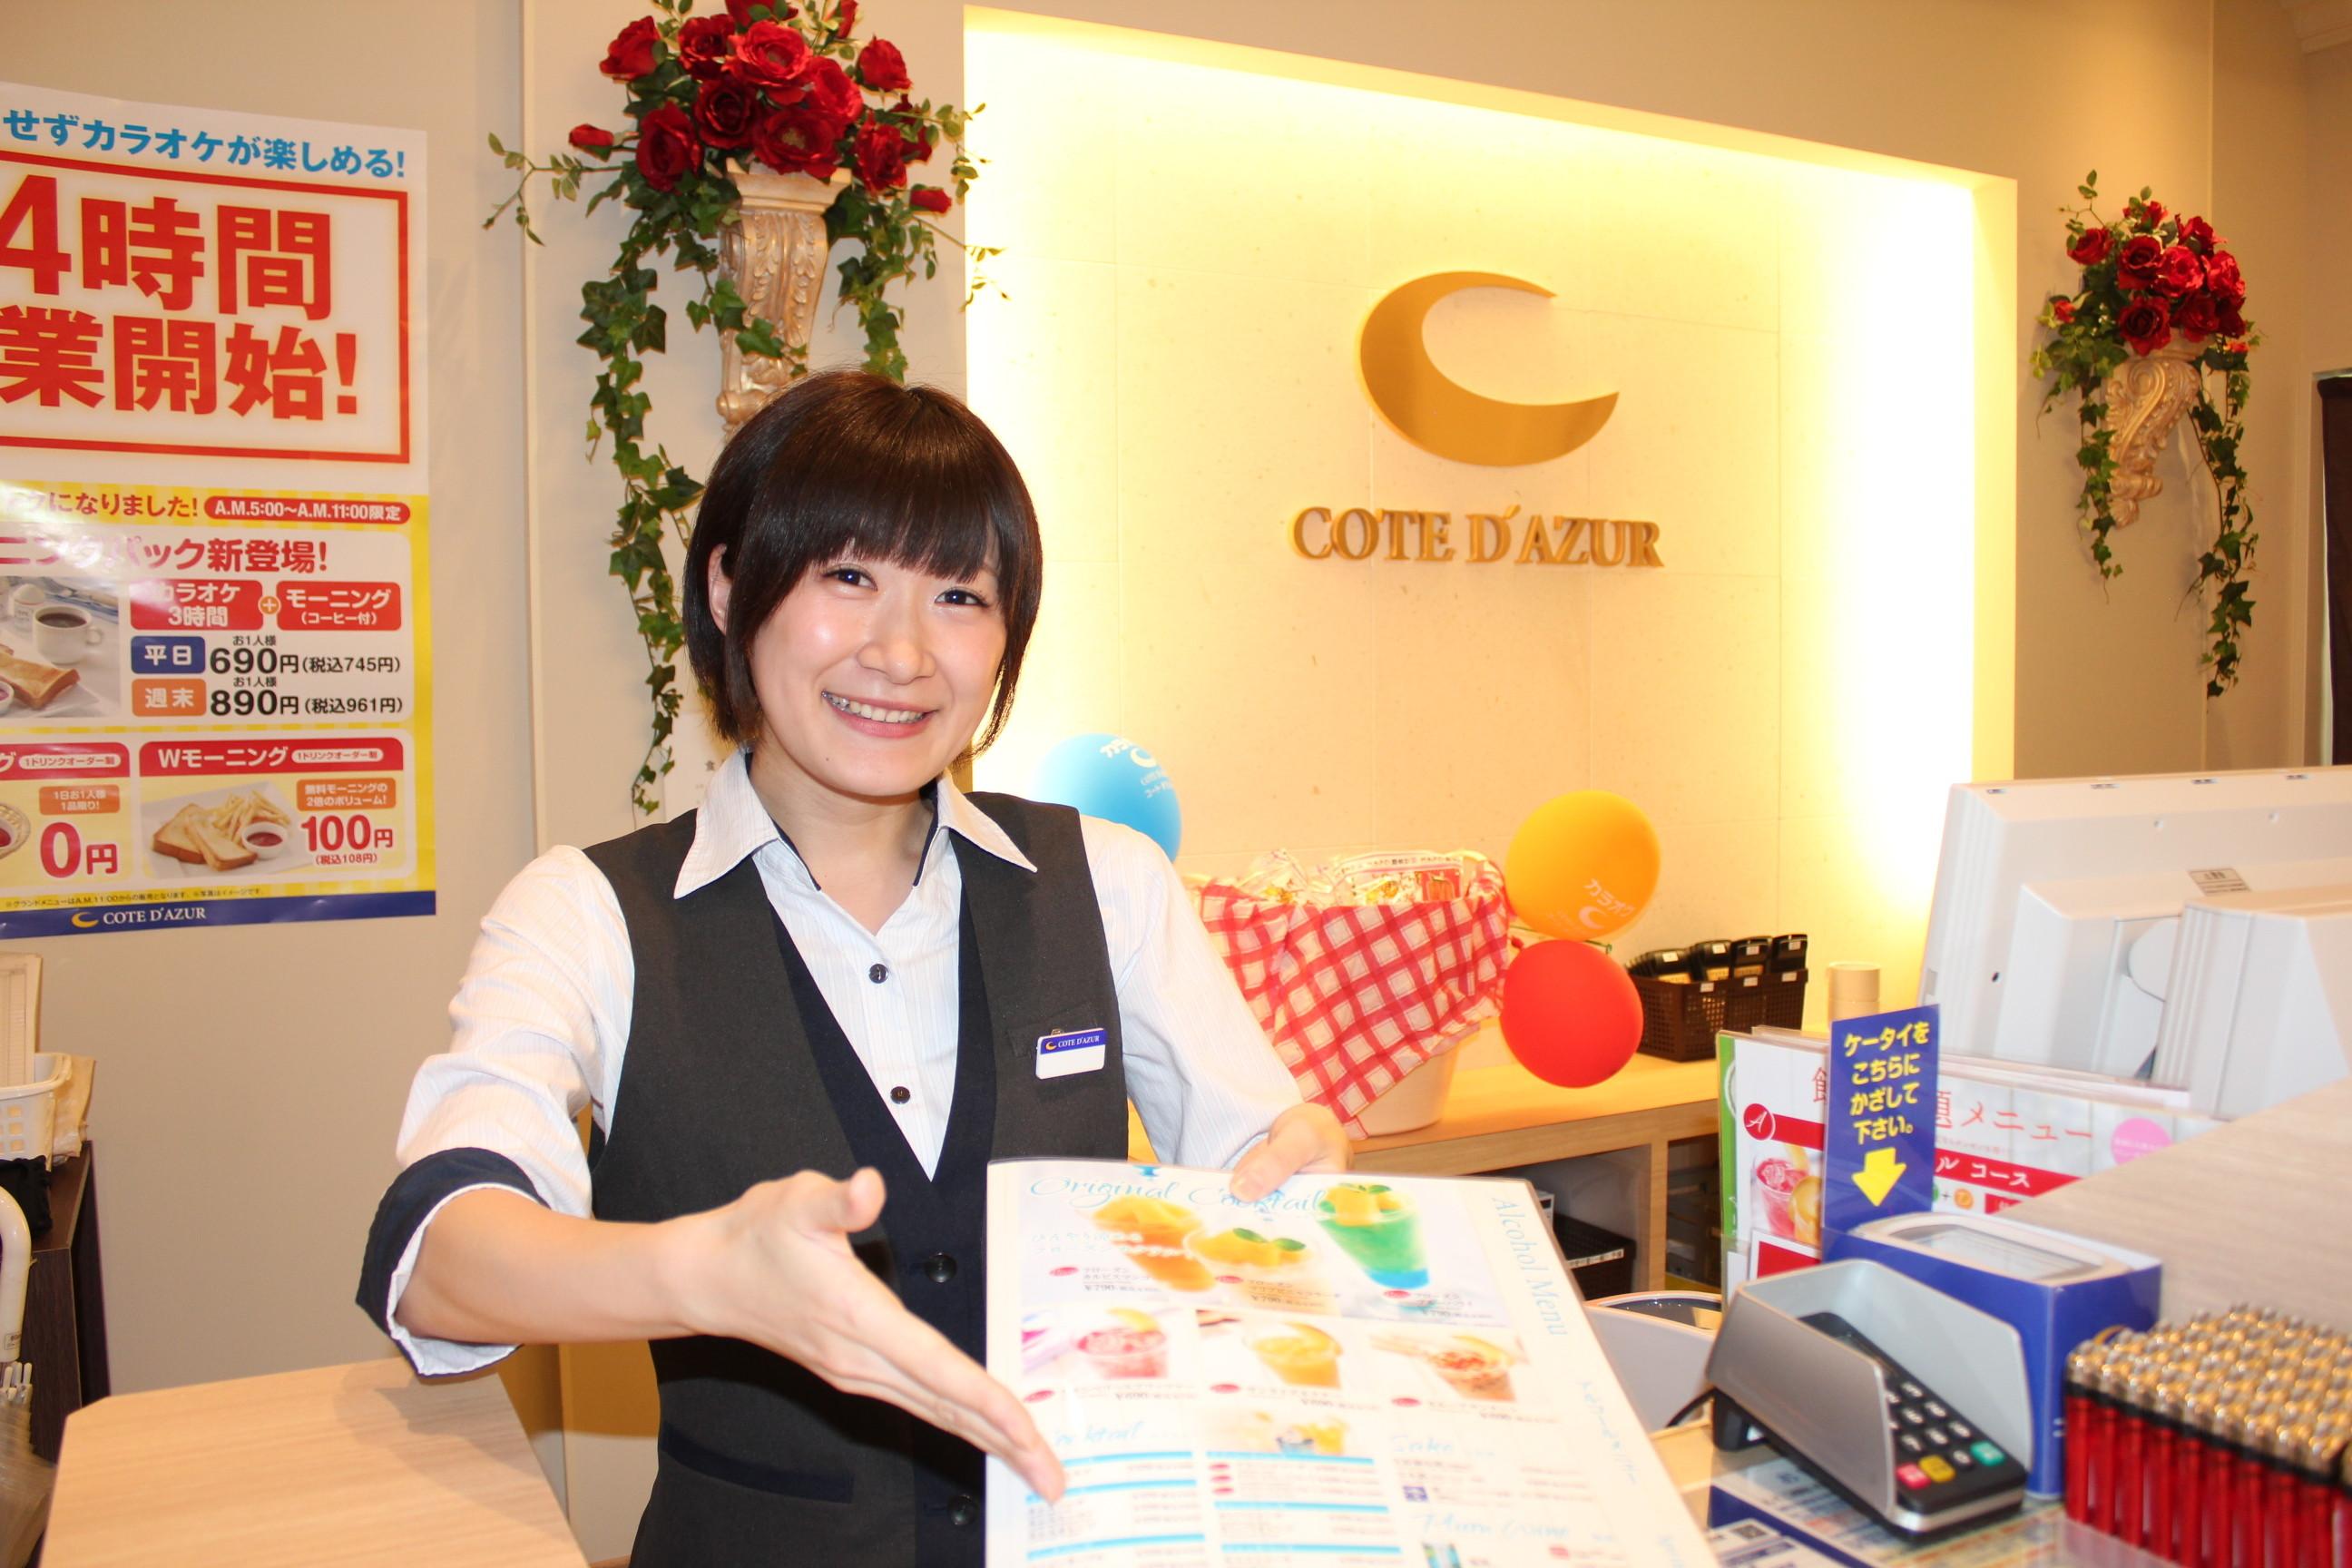 コート・ダジュール 仙台駅西口店 のアルバイト情報